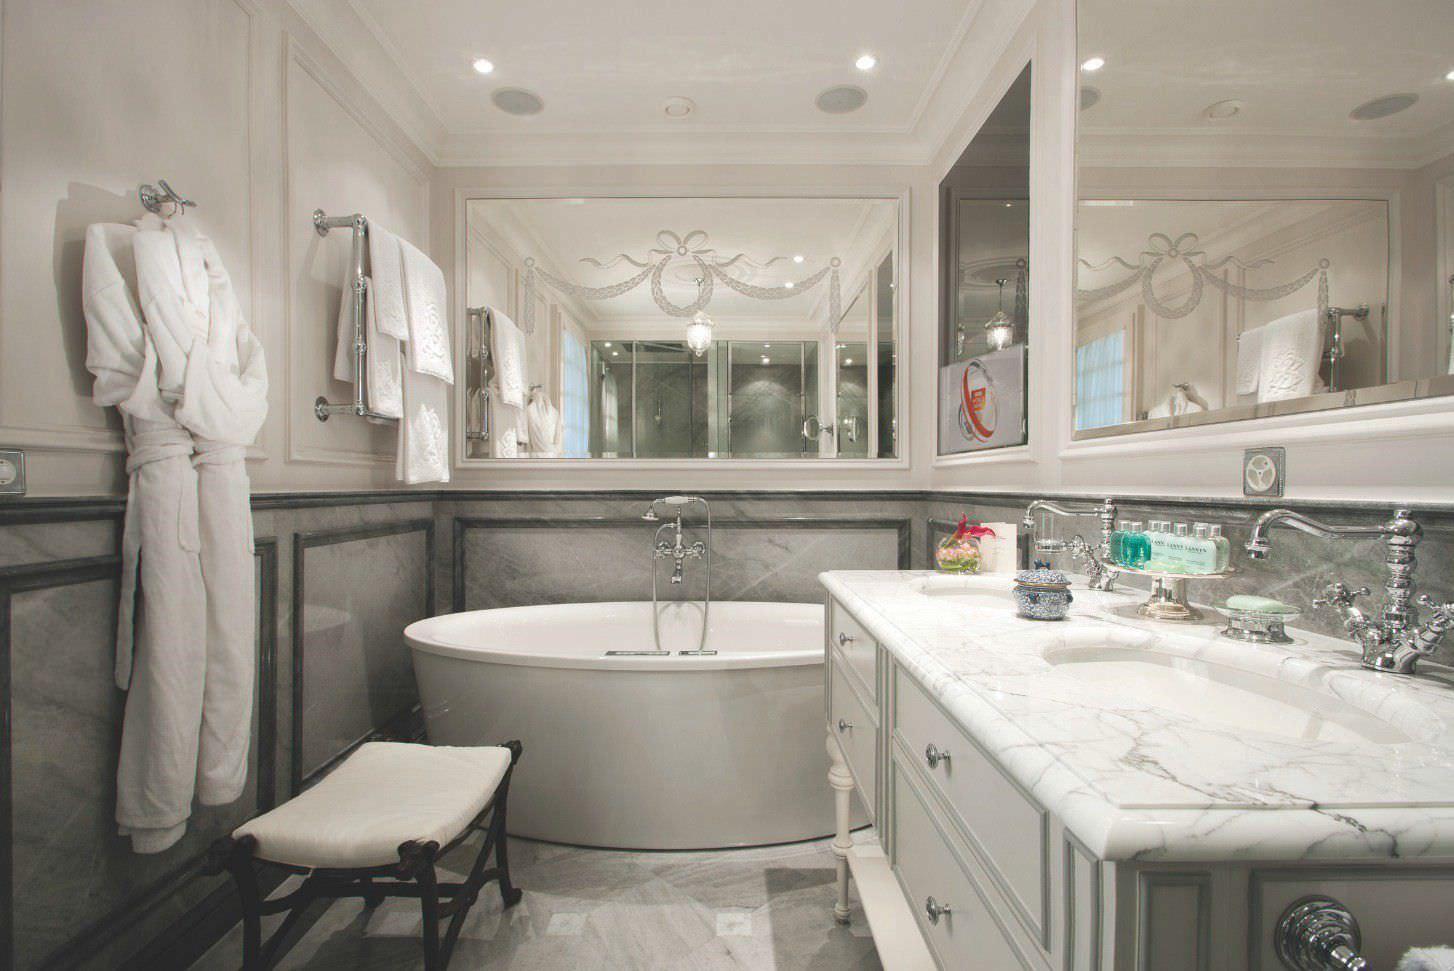 Salle De Bain Avec Tele ~ miroir de salle de bain mural avec t l vision int gr e